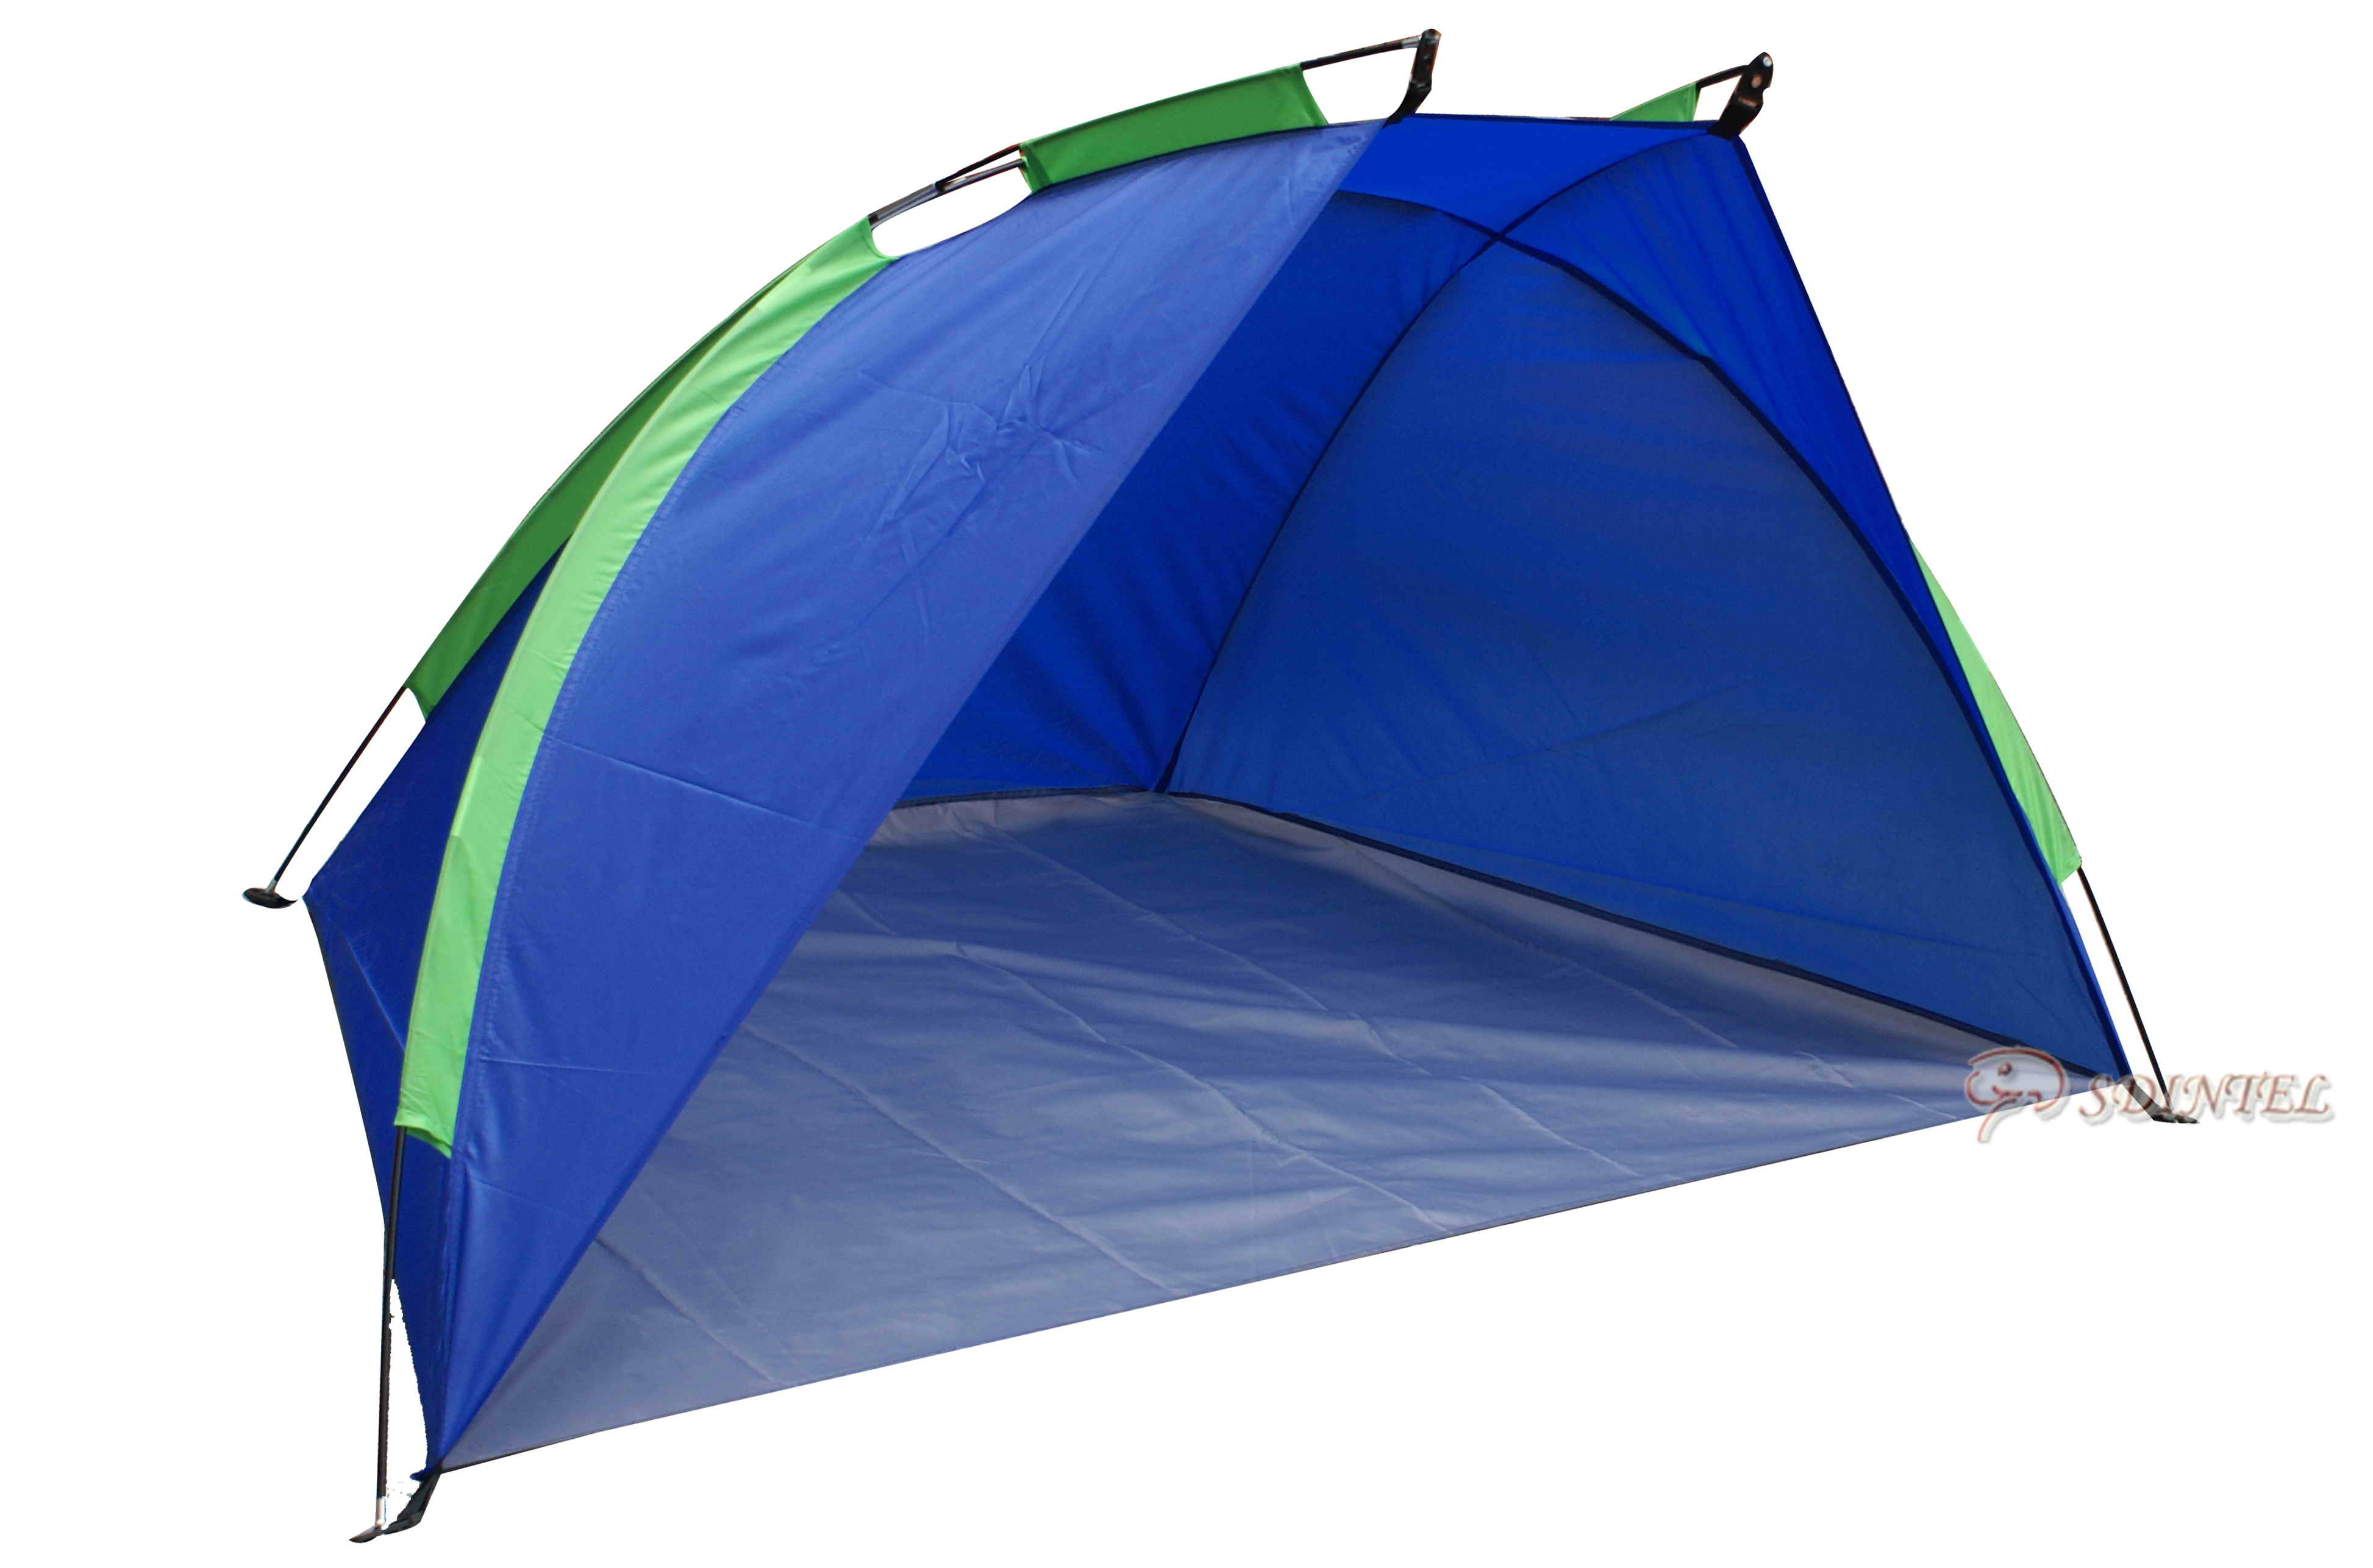 Shleter For Tents : Sun shelter august